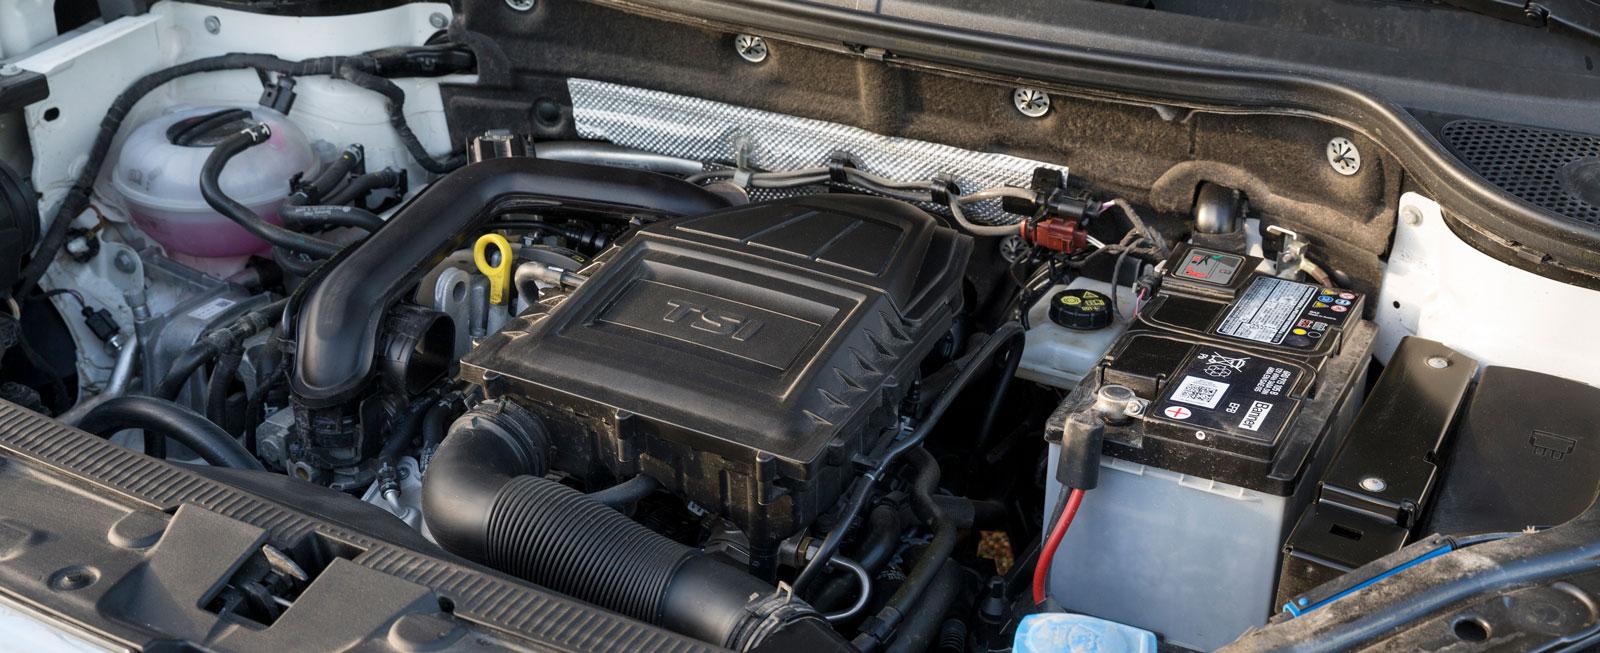 Den trecylindriga enlitersmotorn har mycket jämn gång och speciellt ljud. Låg förbrukning i jämn fart men under belastning kan törsten bli ganska hög.